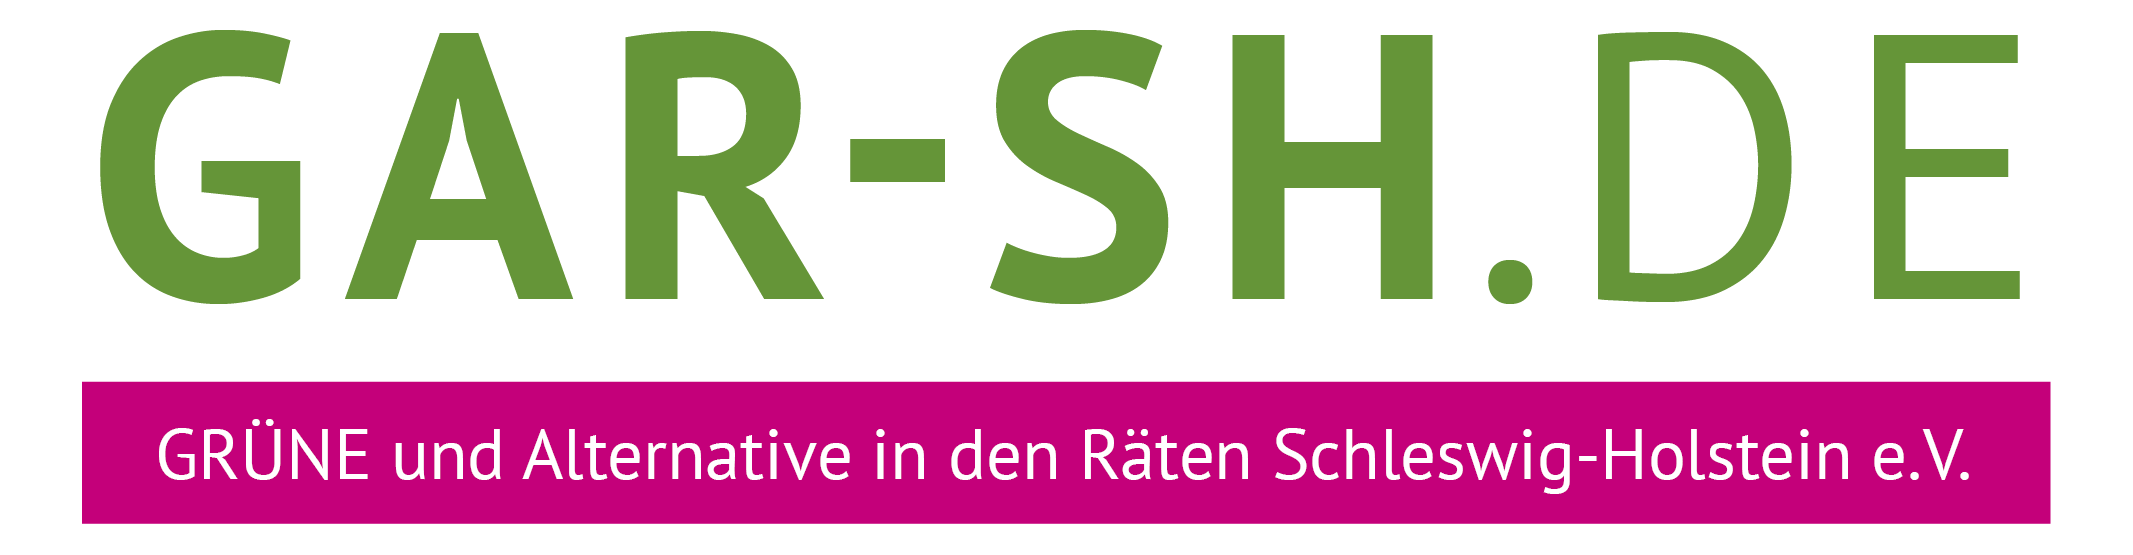 Grüne und Alternative in den Räten Schleswig-Holstein e.V.